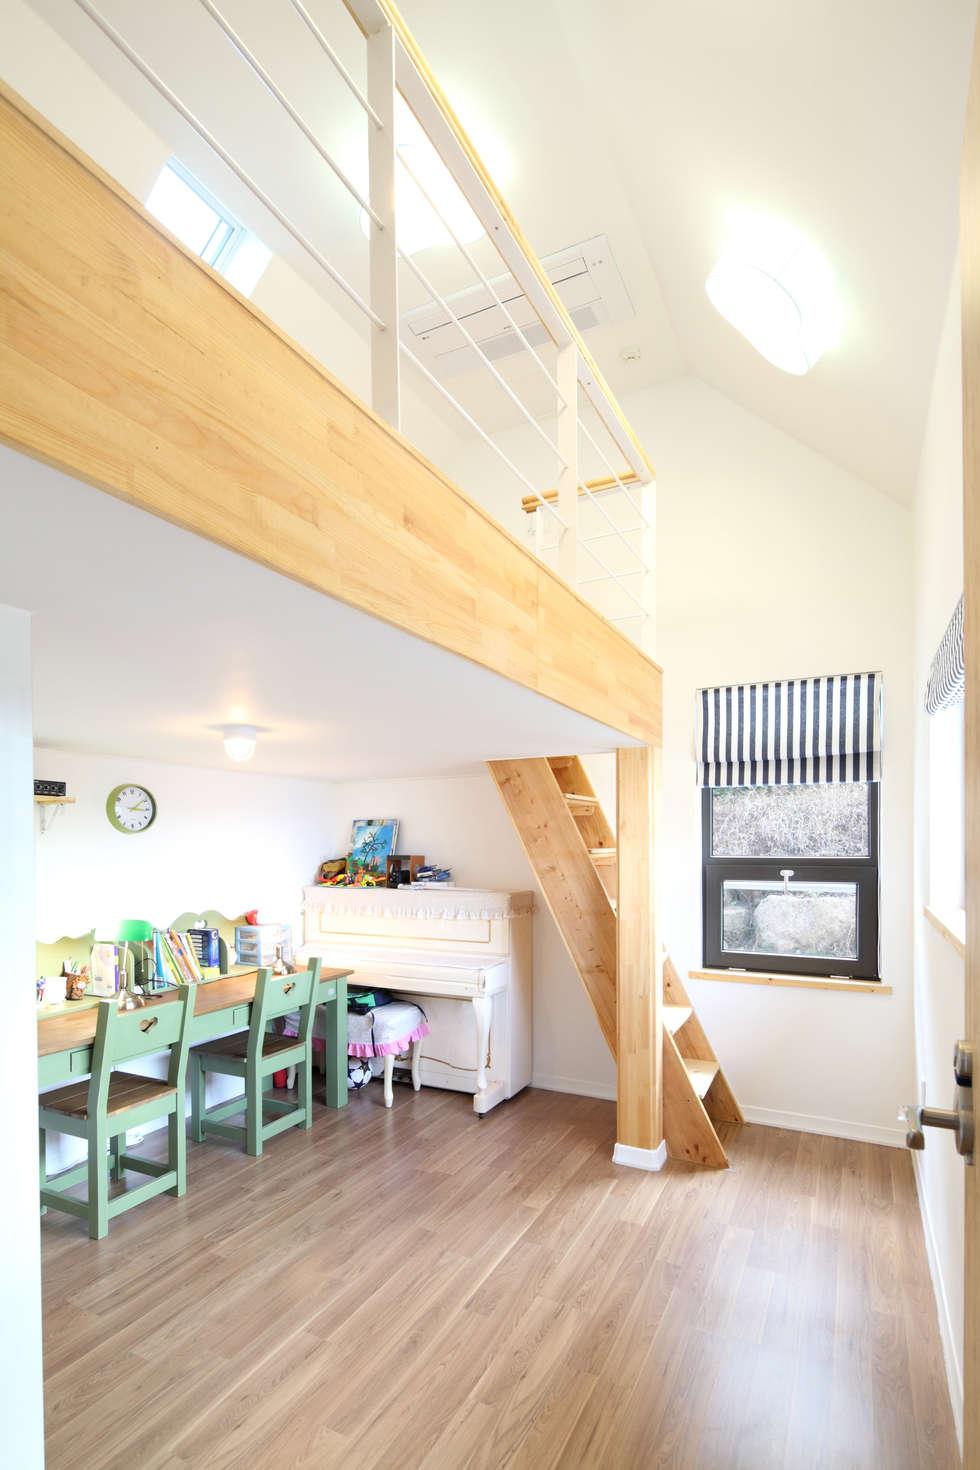 嬰兒/兒童房 by 주택설계전문 디자인그룹 홈스타일토토